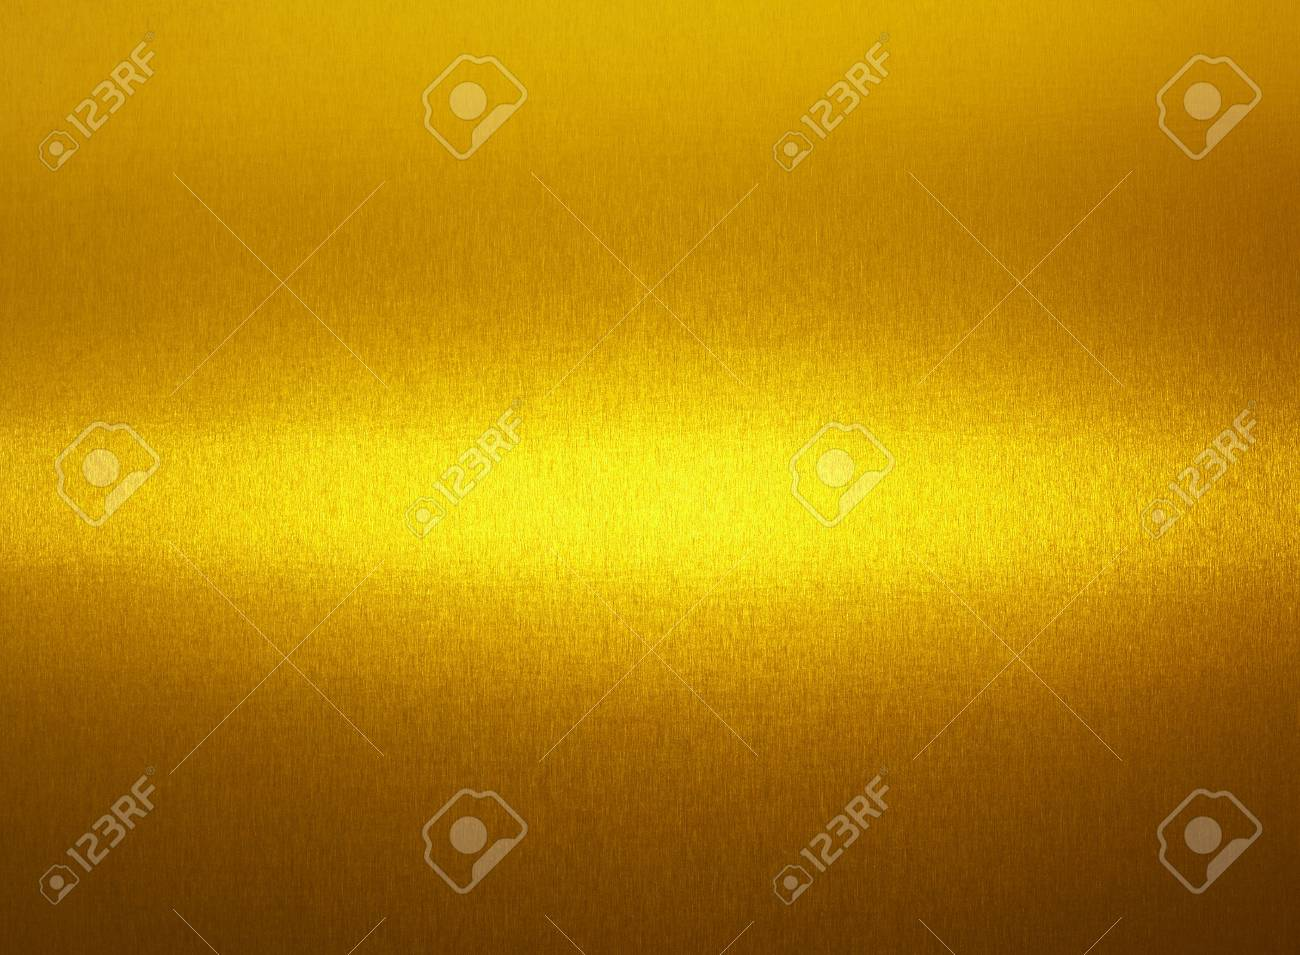 Gold metal texture - 46289692